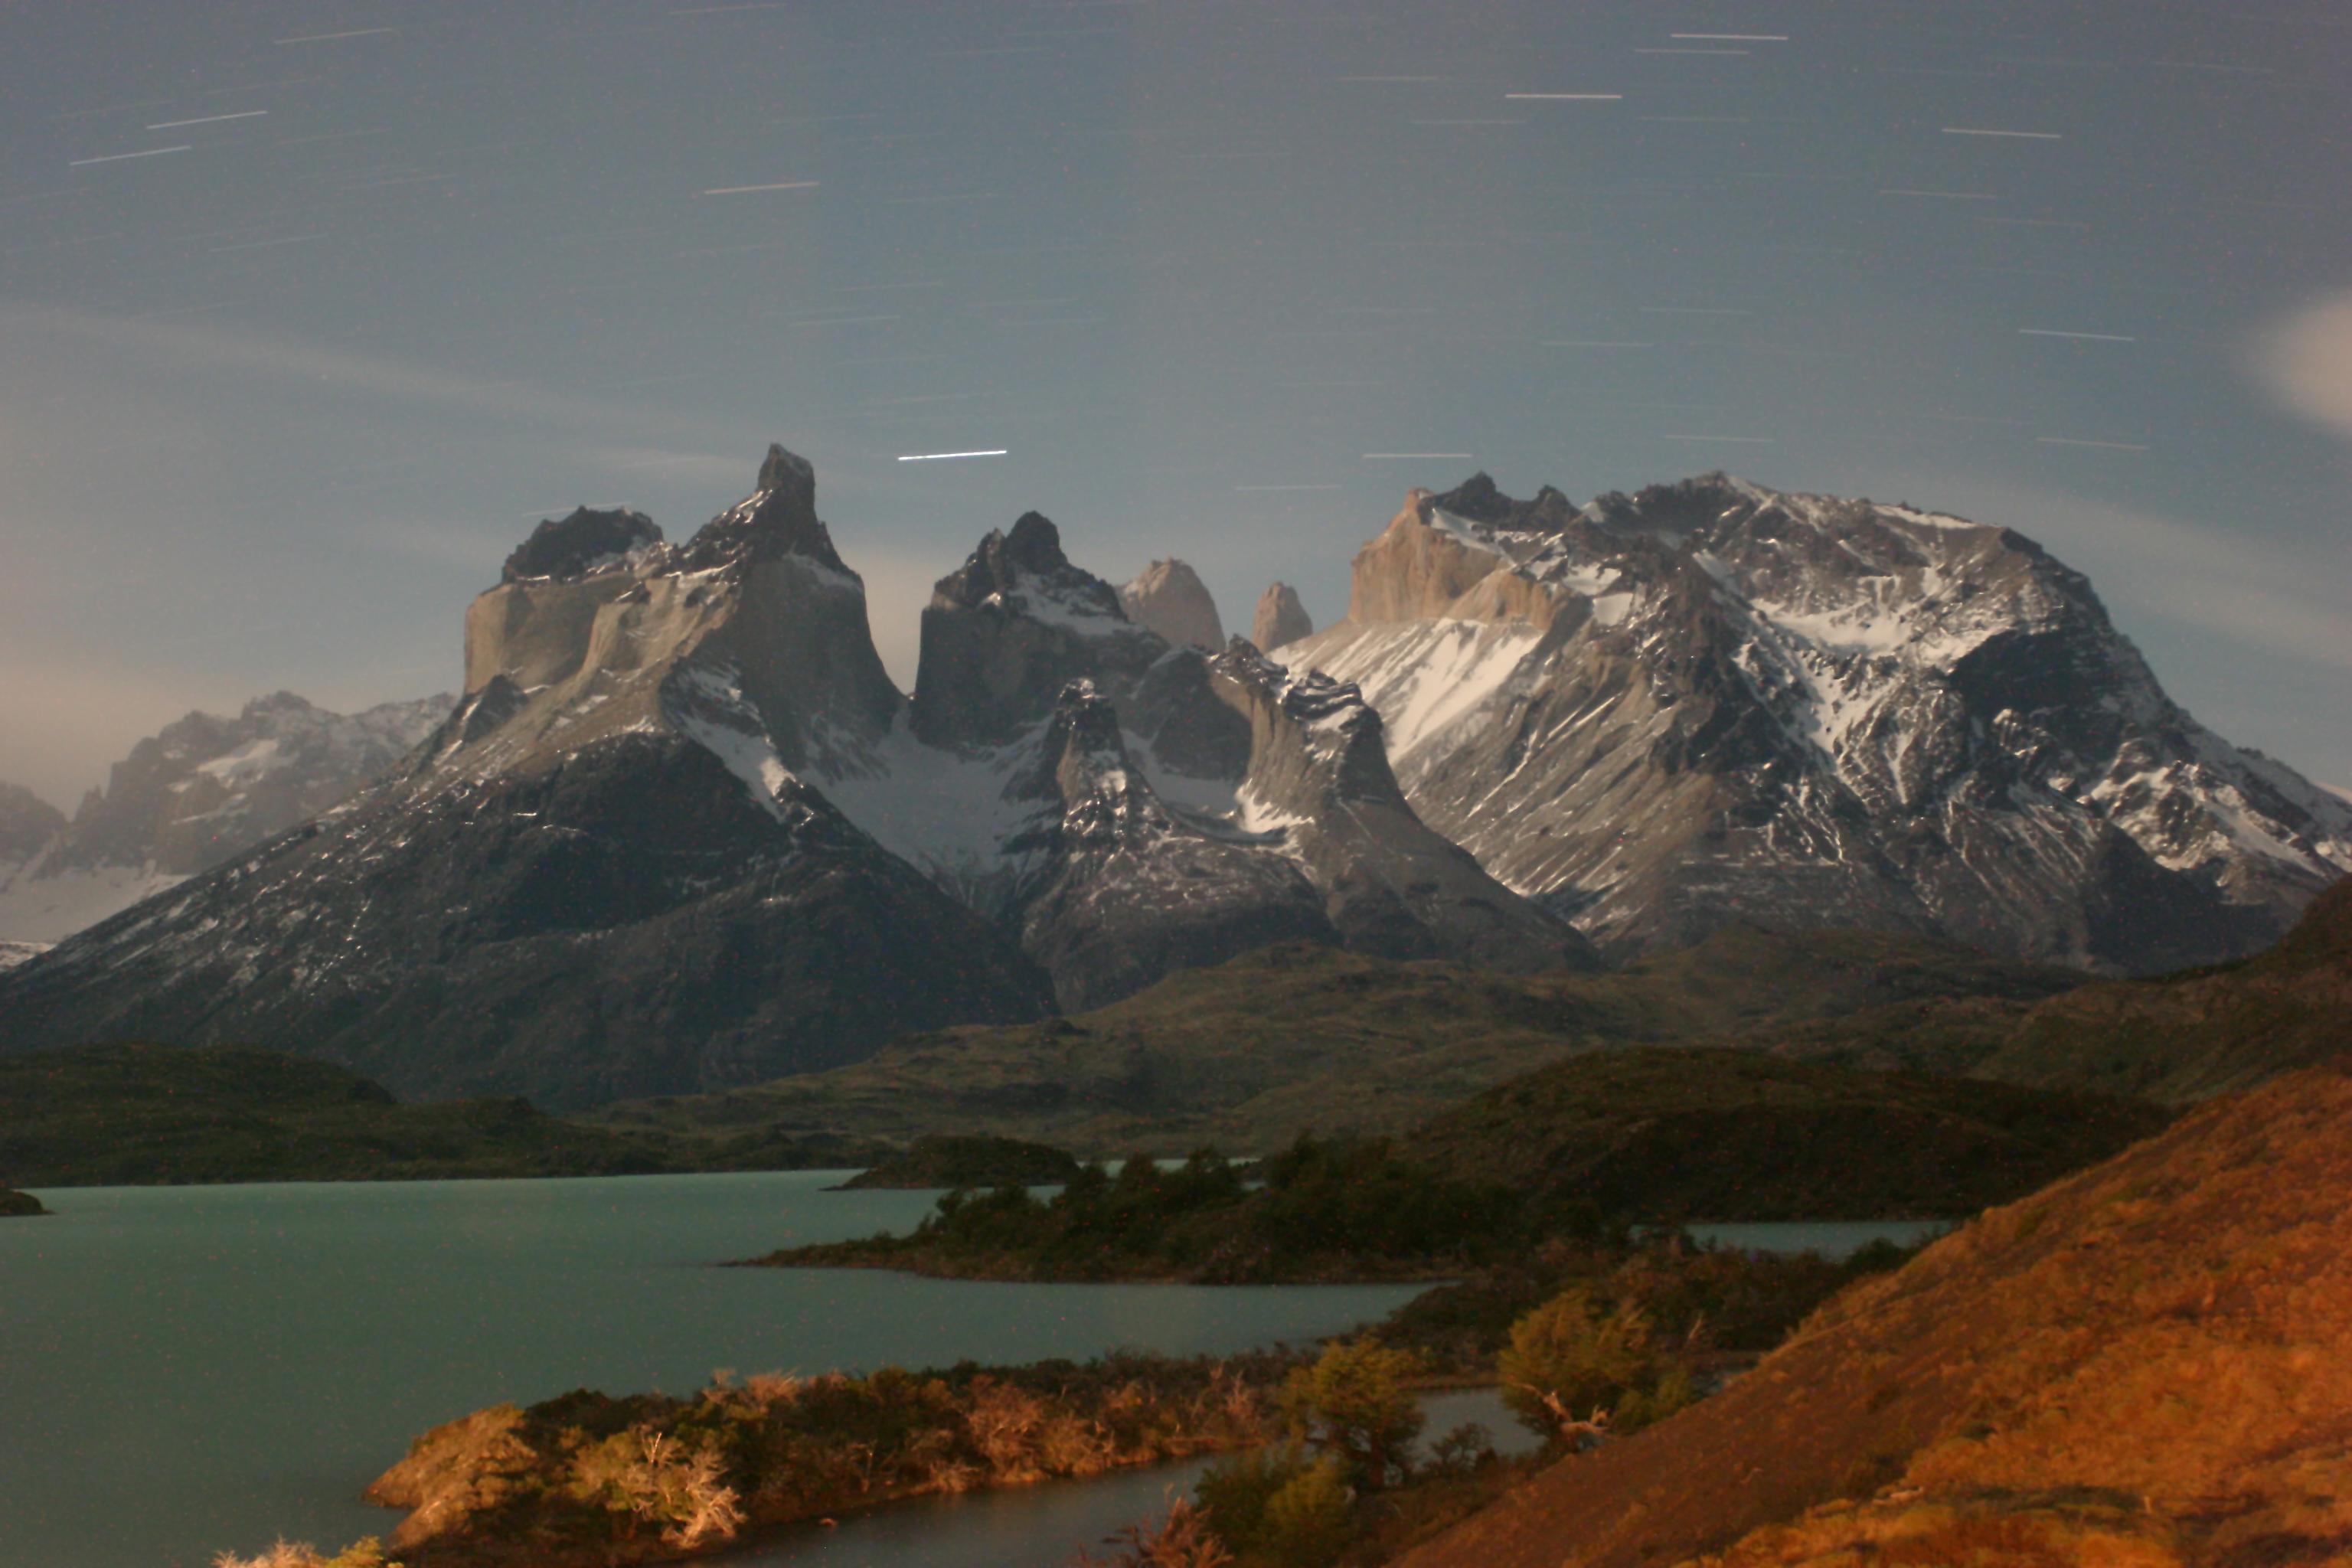 Massif at Night Маршрут самостоятельного путешествия по Чили